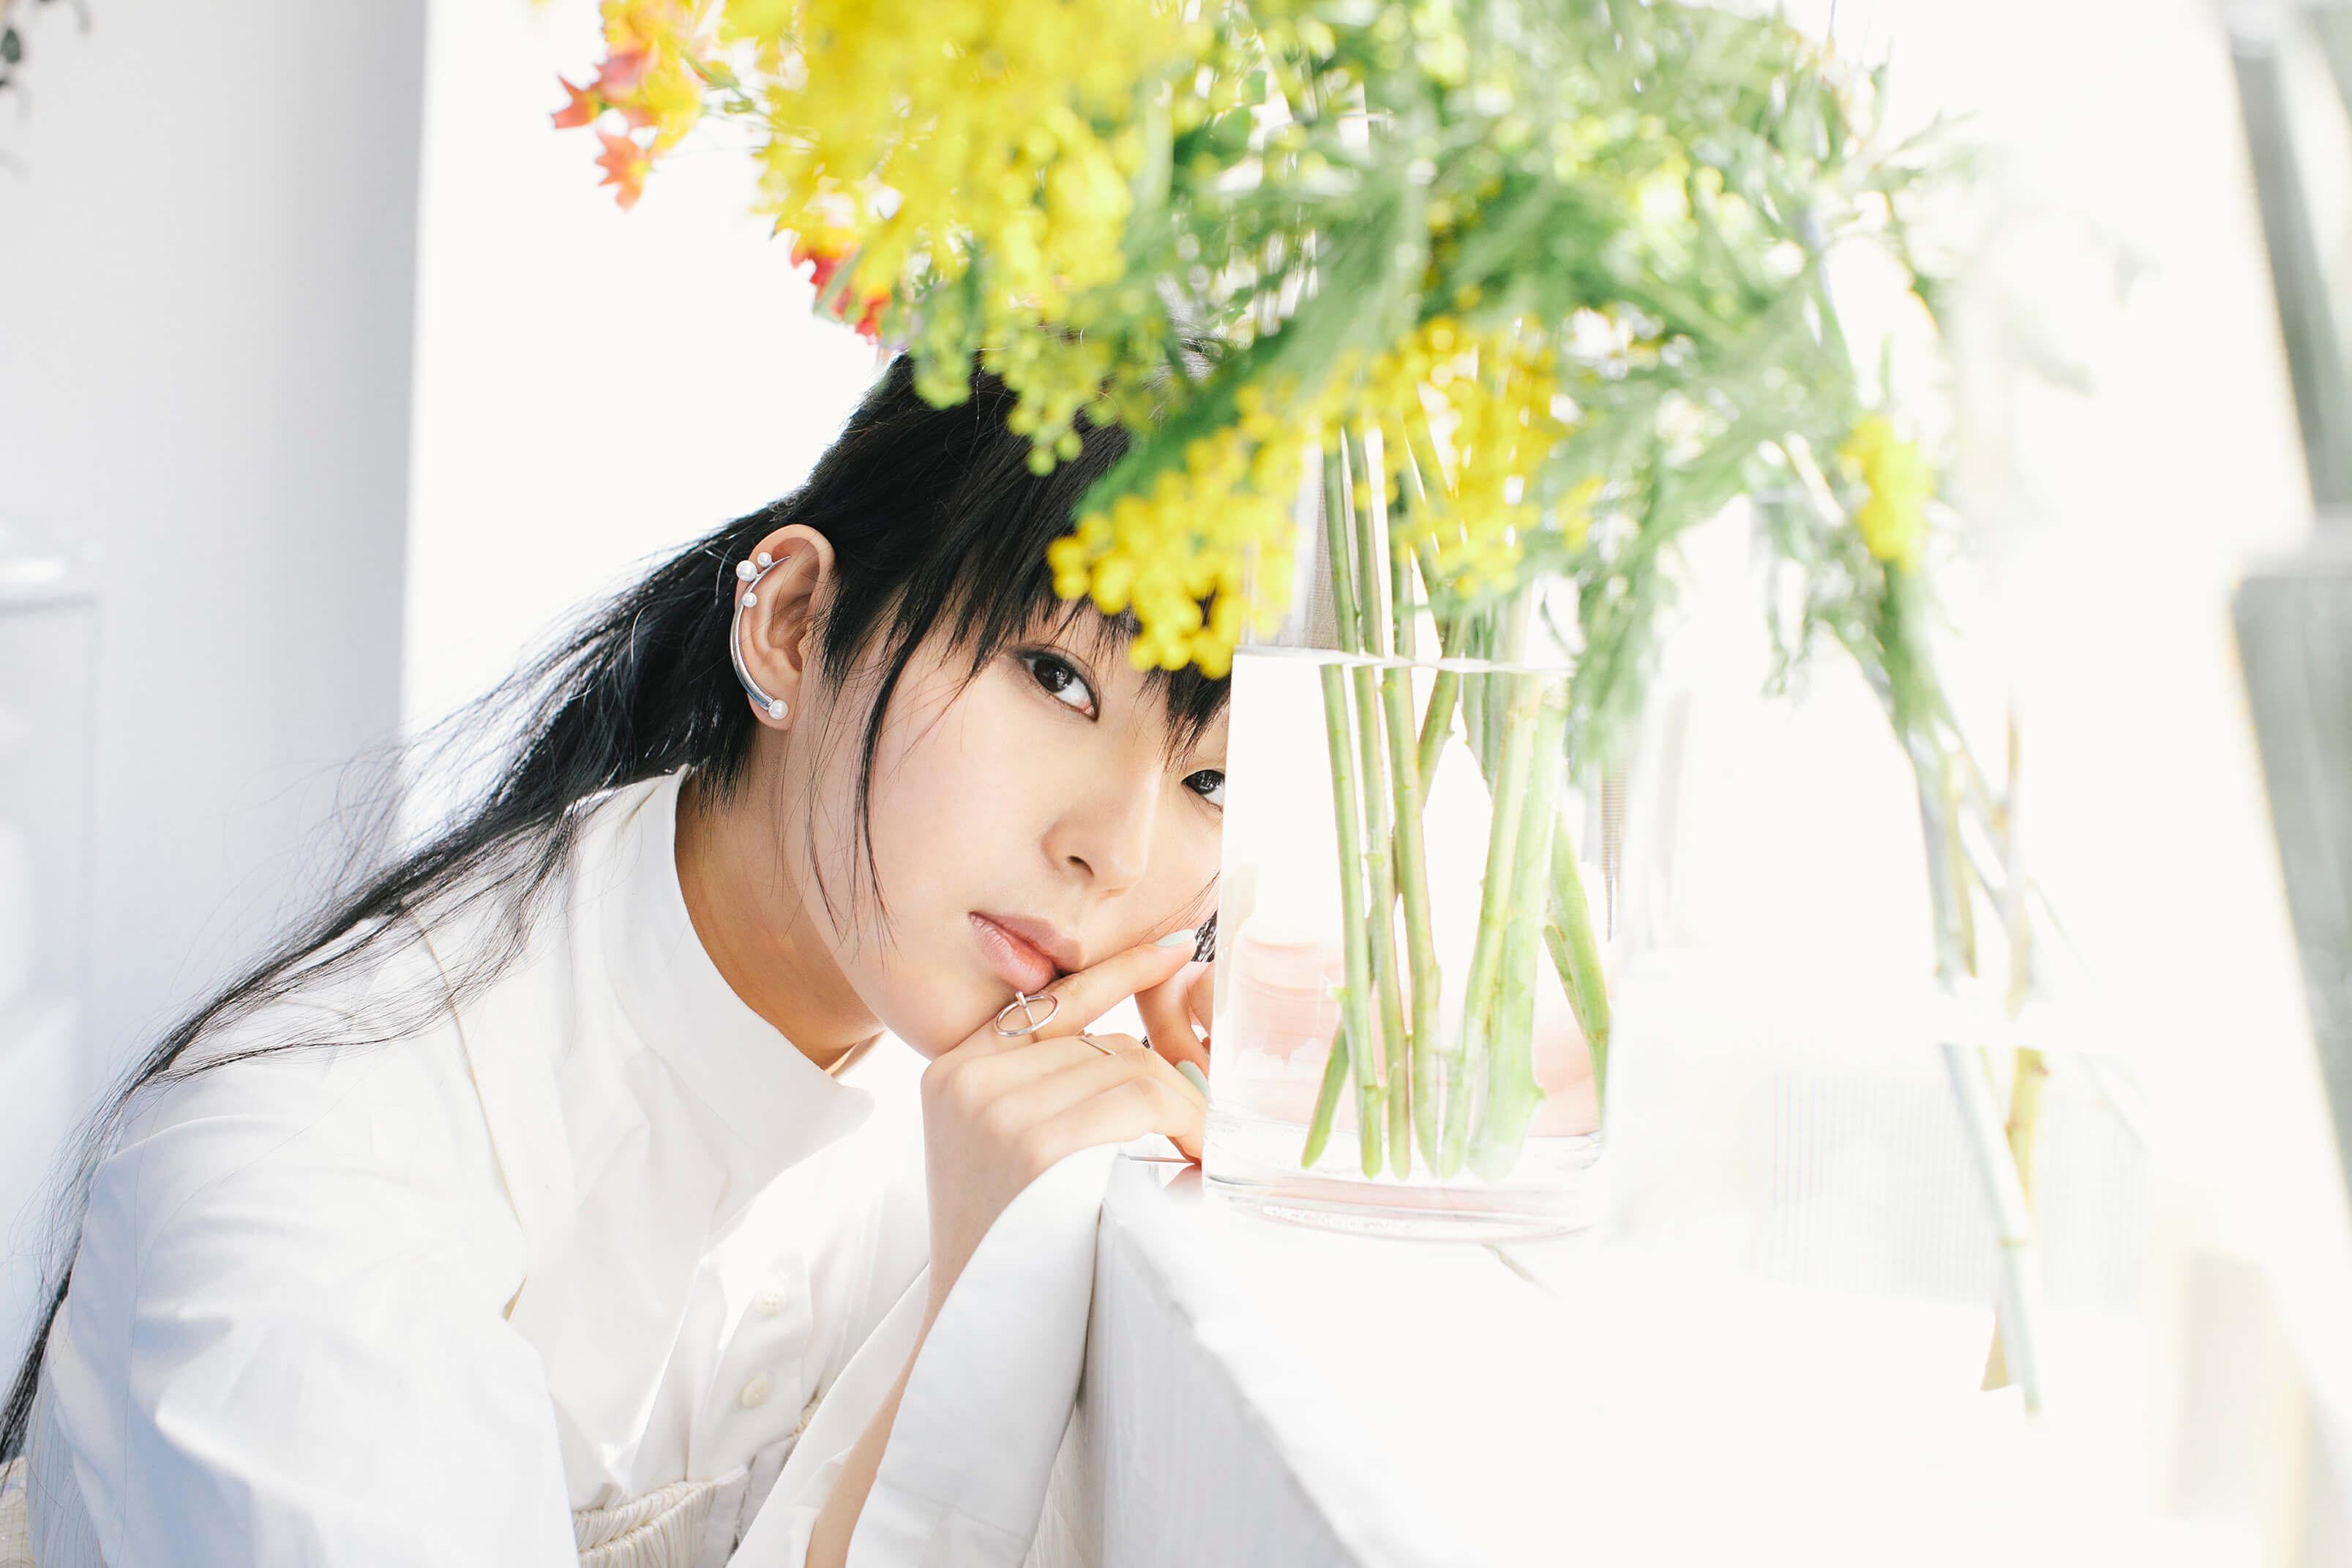 DAOKO新歌「在永不終結的世界」被選用為手機遊戲「Dragalia Lost ~失落的龍絆~」主題曲 daoko、